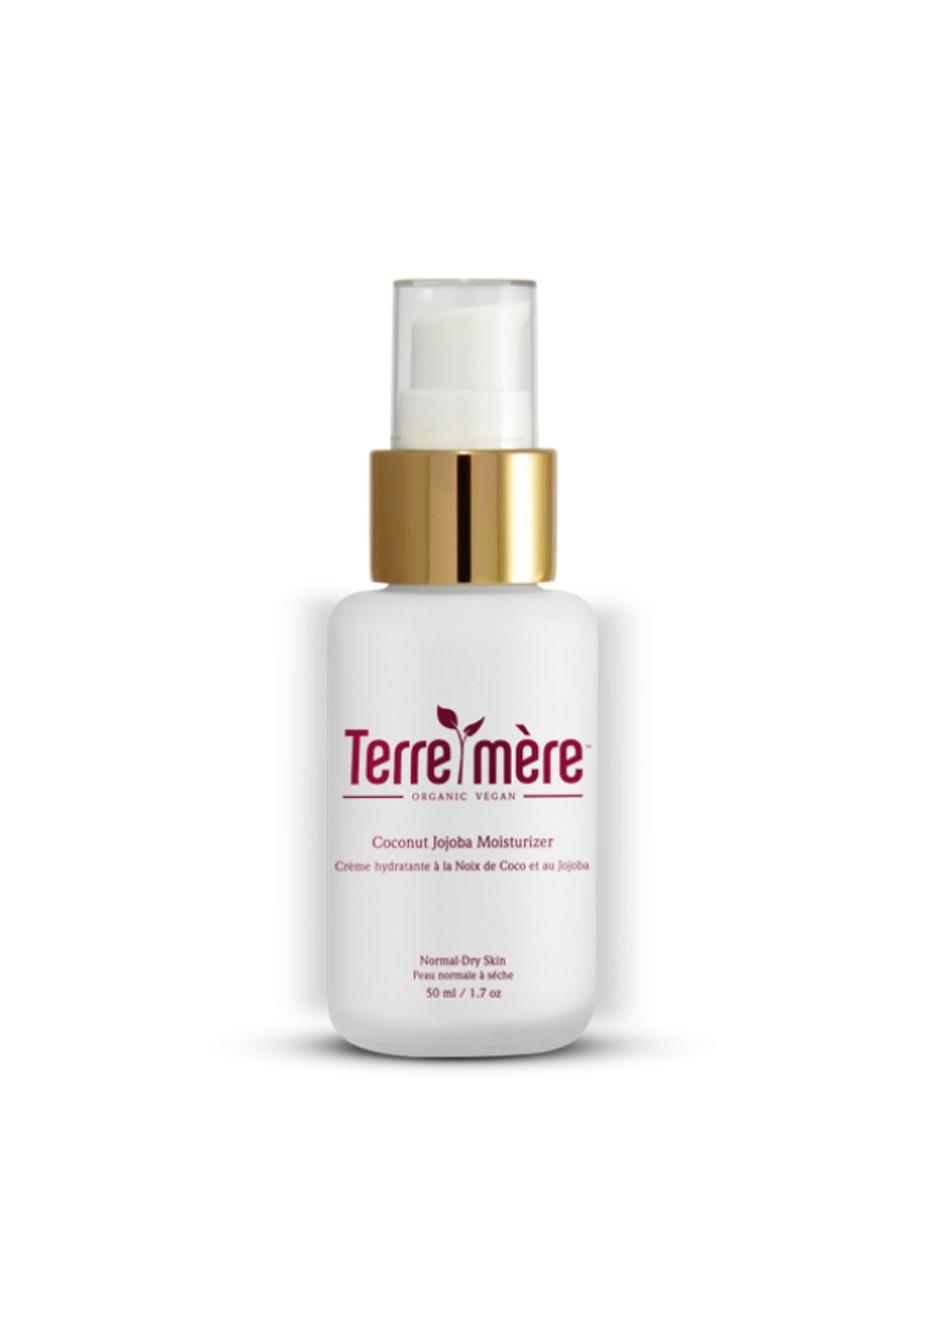 Terre Mere - Coconut Jojoba Moisturizer  - Normal-Dry Skin